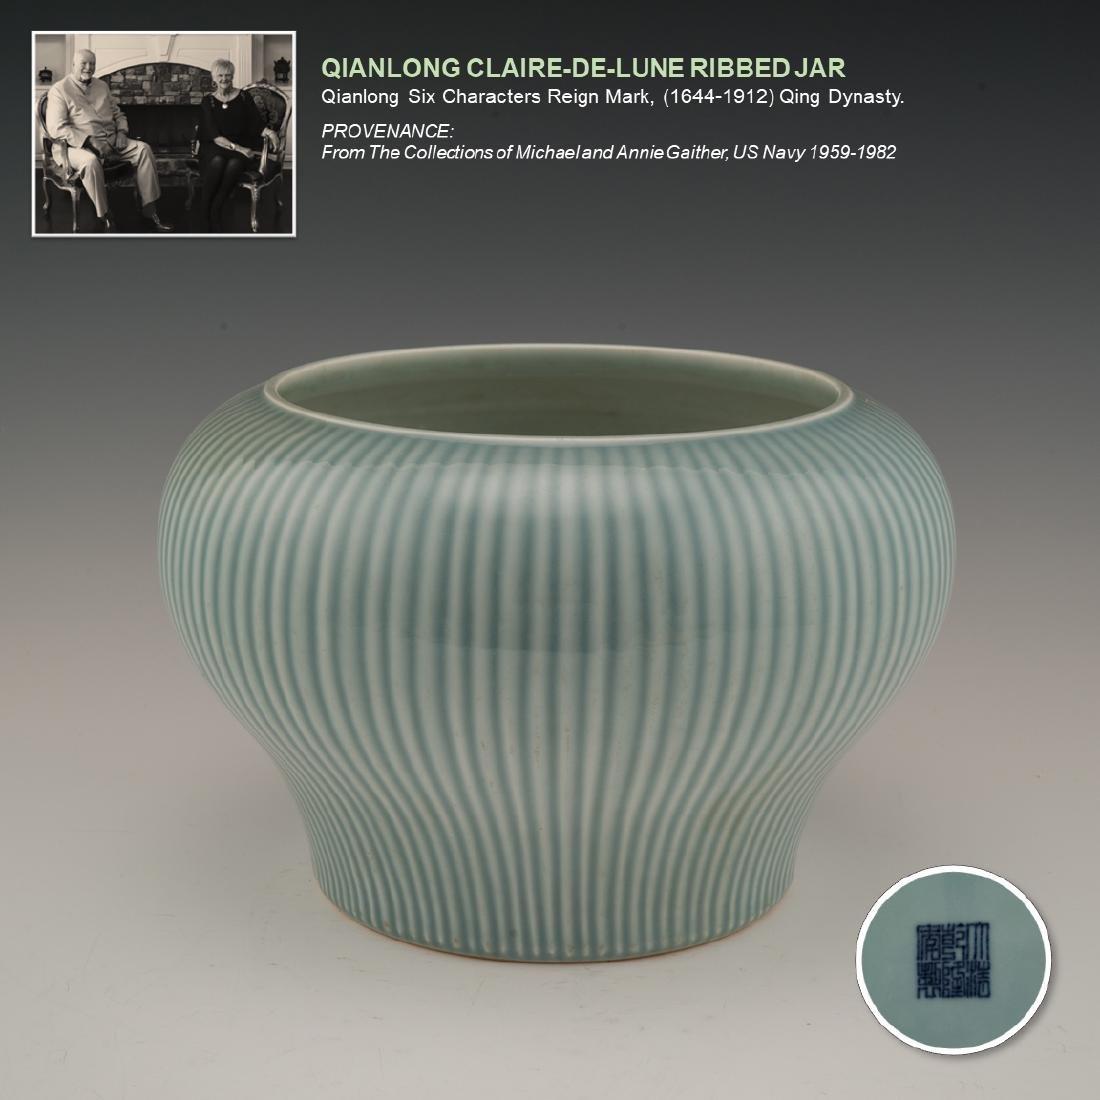 QIANLONG CLAIRE-DE-LUNE RIBBED JAR